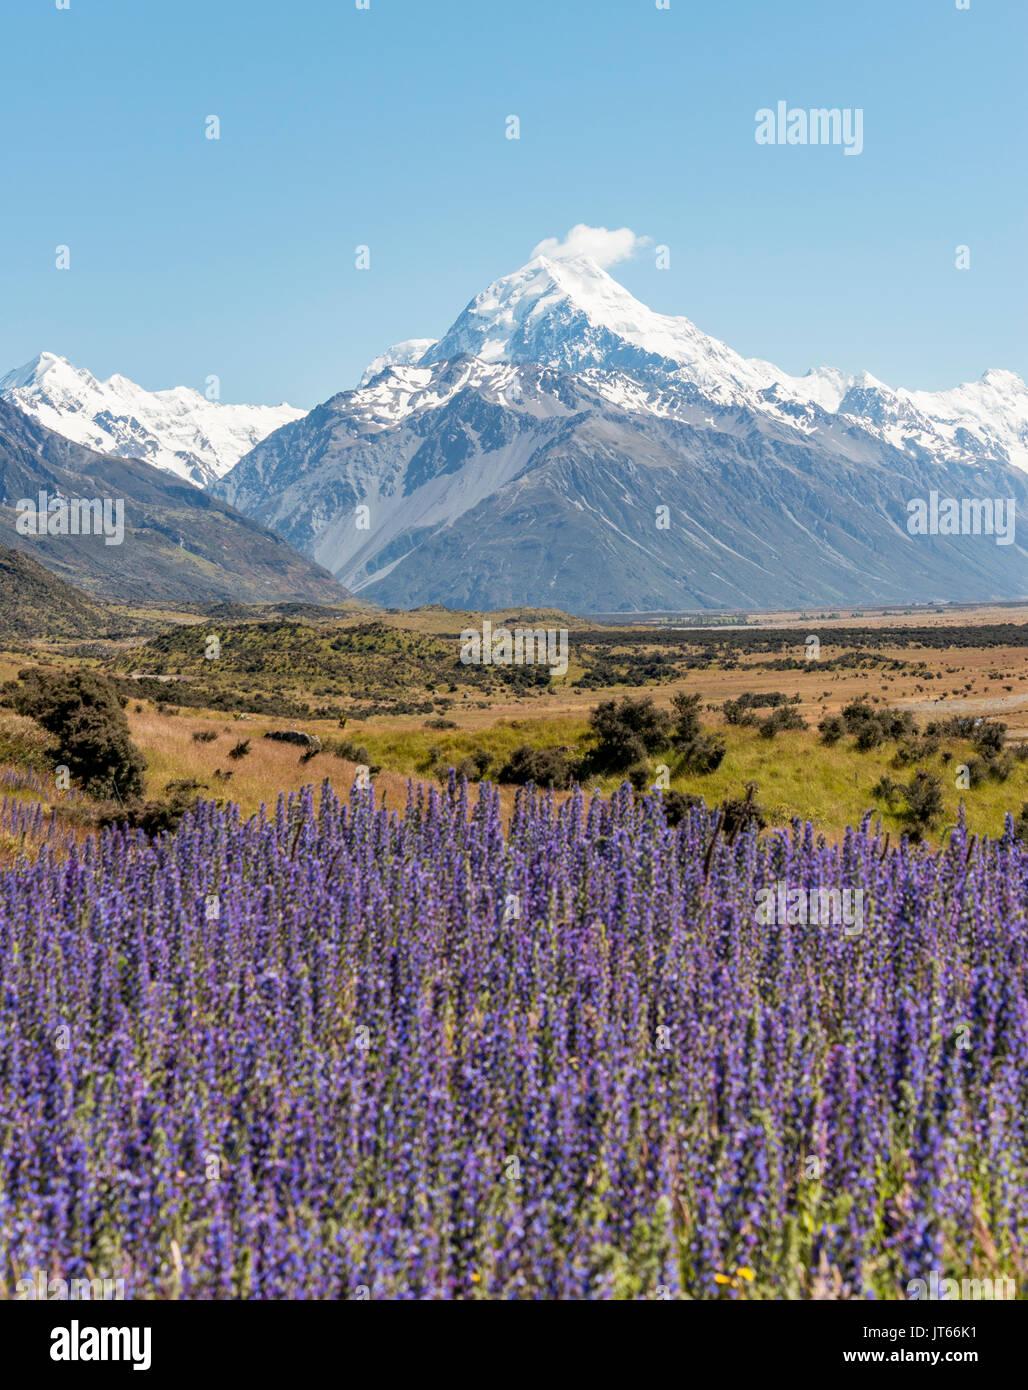 Blüte lila Blumen, Mount Cook, Snowy Mountains, Mount Cook National Park der südlichen Alpen, Canterbury, Südinsel Stockbild